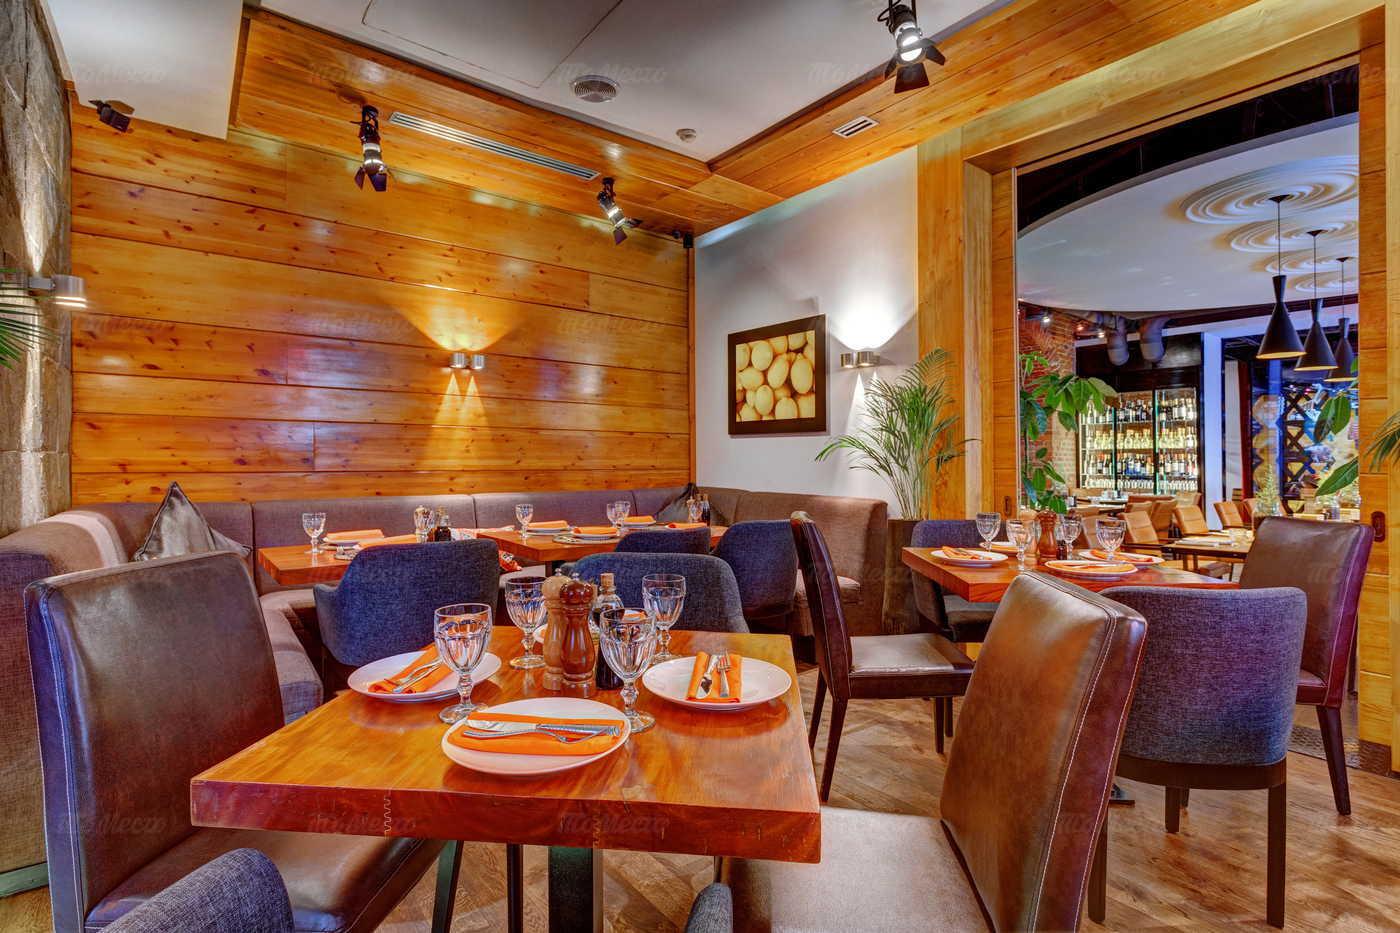 Ресторан Барашка (Бараshка) на Петровке фото 12